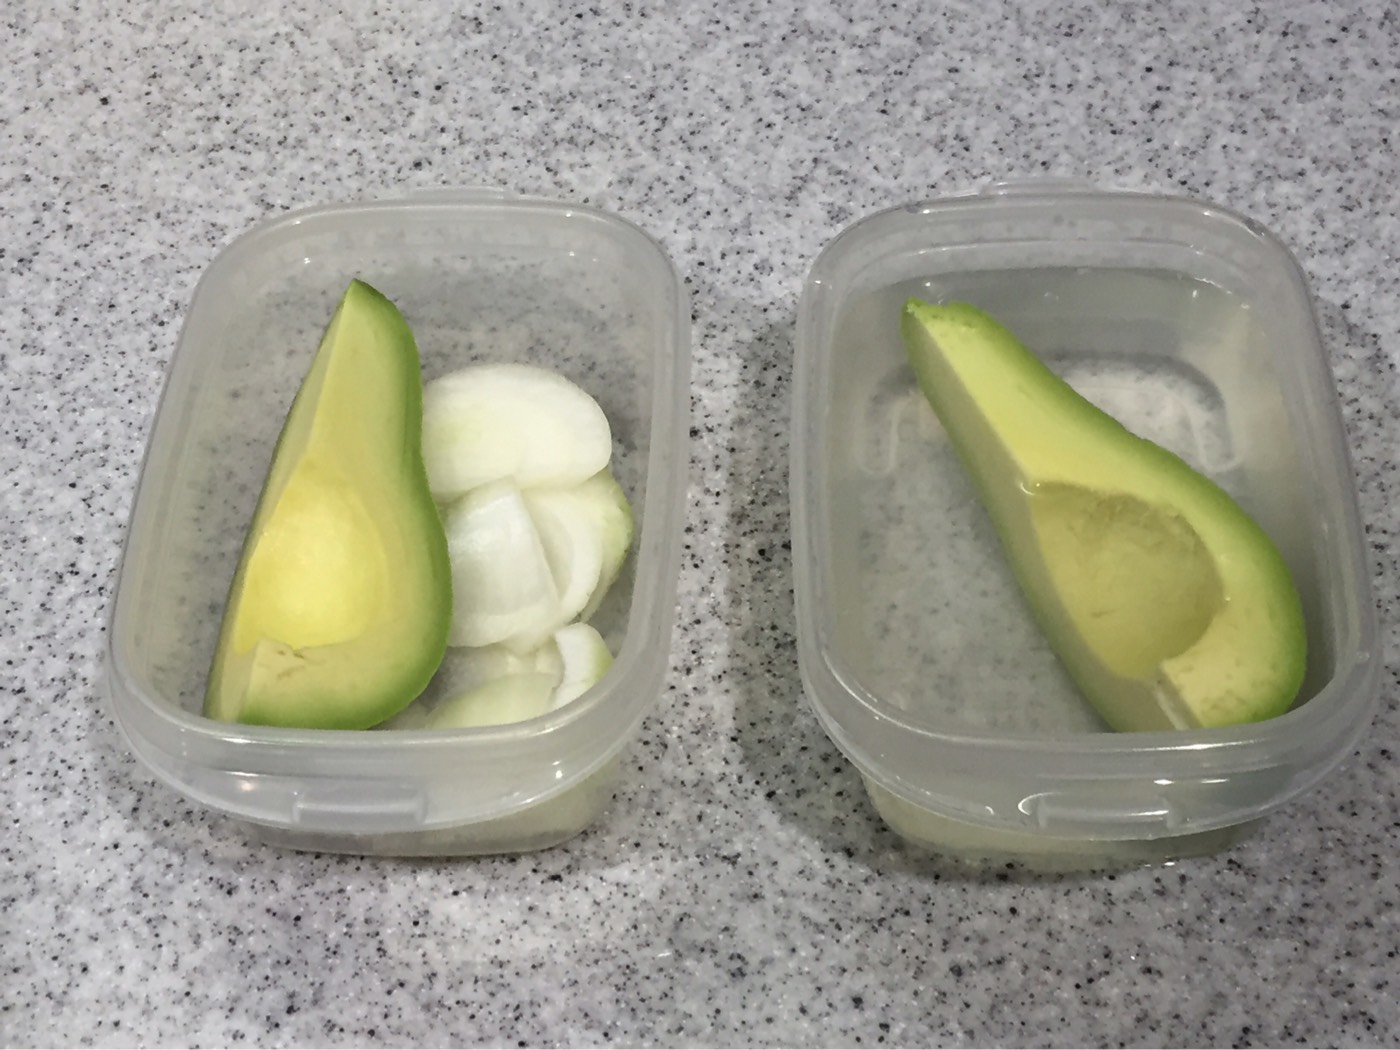 酸っぱいのは苦手です。残ったアボガドの冷蔵保存方法を比べてみた。玉ねぎ・ハチミツ水・ラップ。